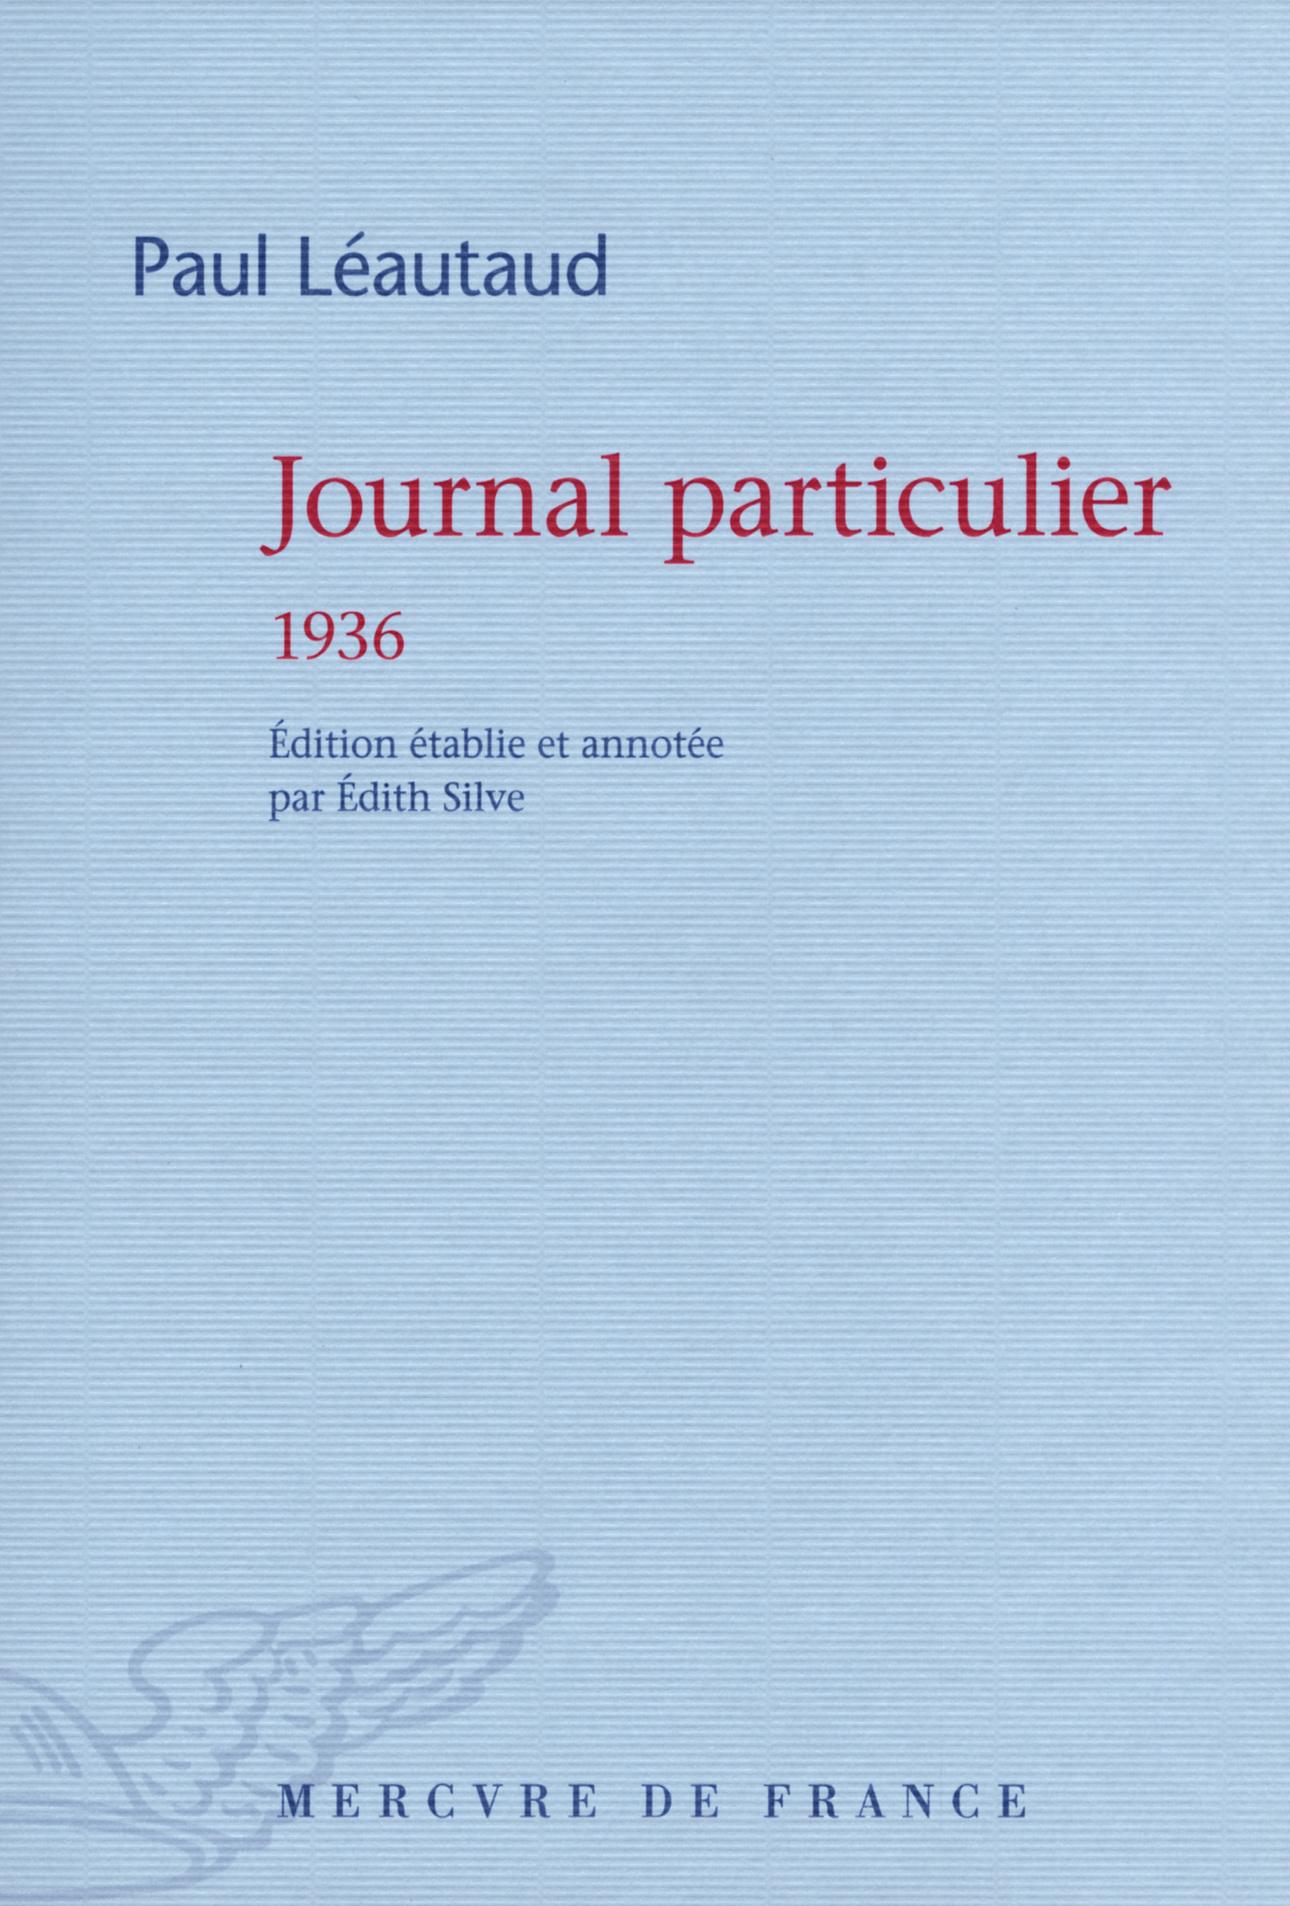 Journal particulier. 1936